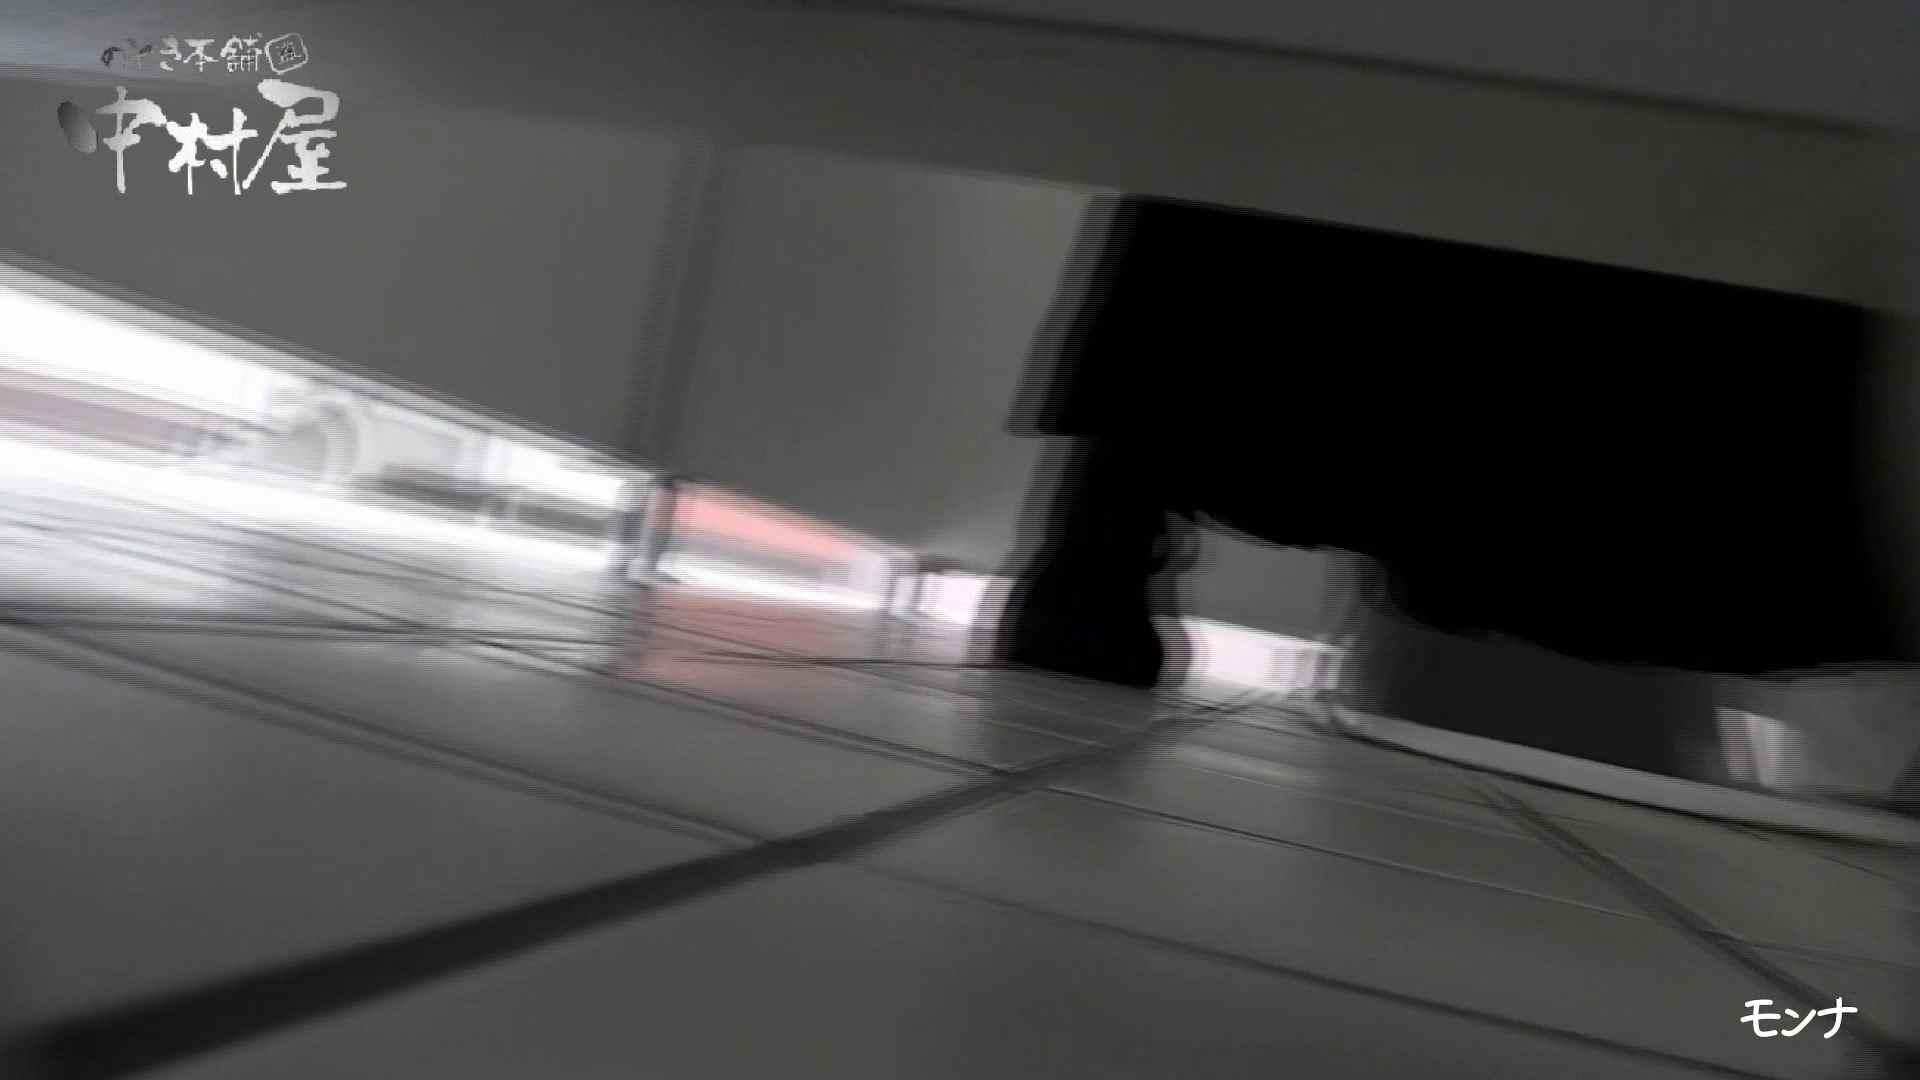 【美しい日本の未来】美しい日本の未来 No.38 久しぶり、復活しようかなあ?^^ by モンナ 盗撮 おめこ無修正画像 83枚 47